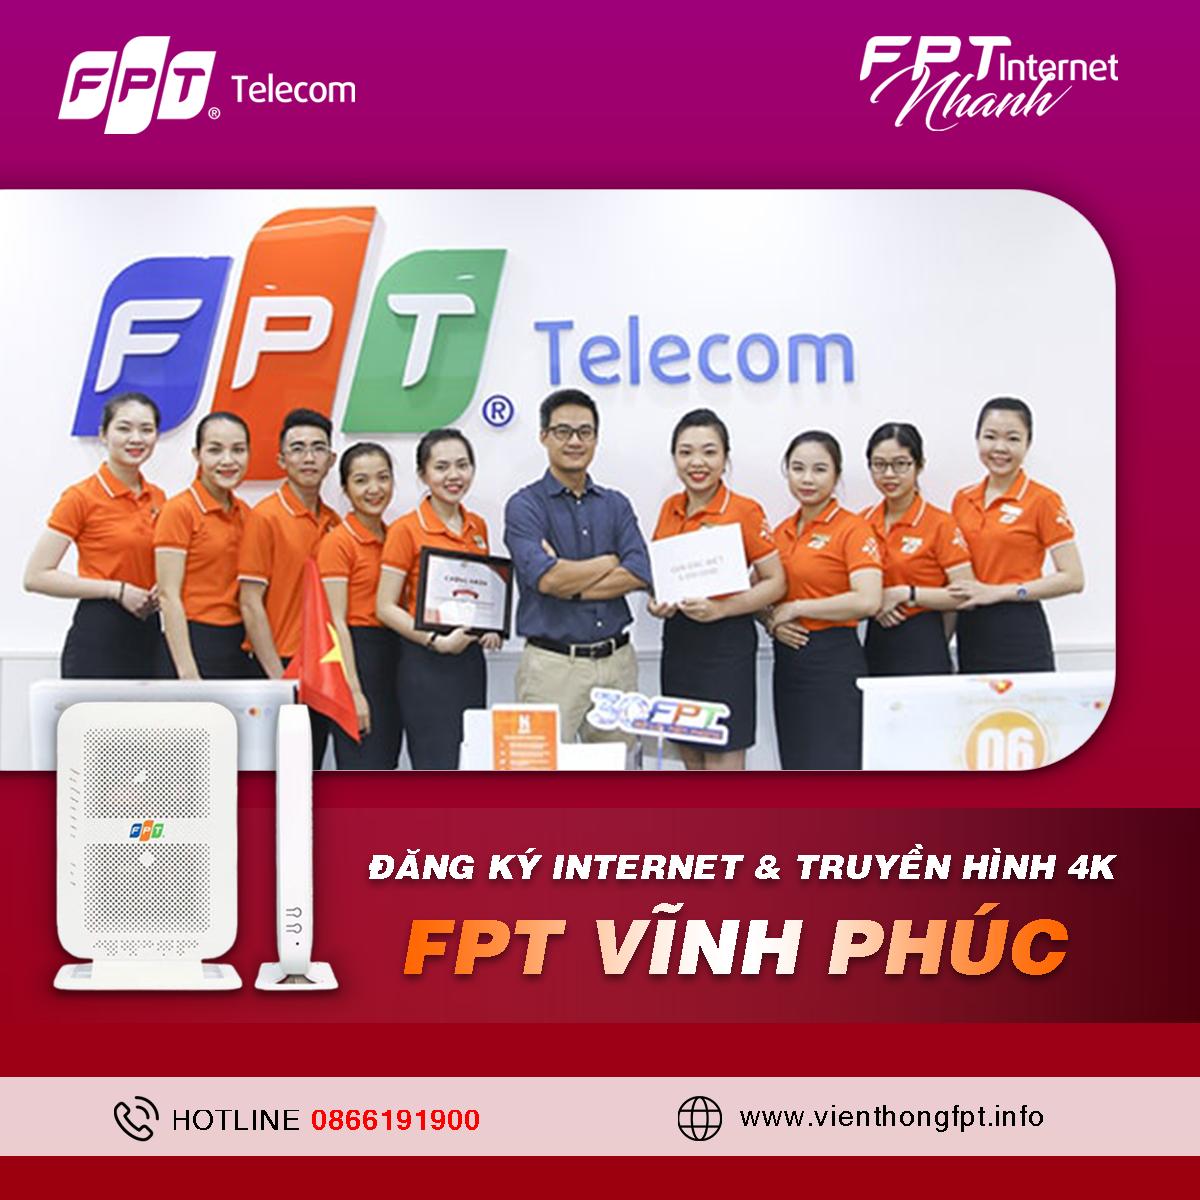 Tổng đài Đăng ký Internet FPT Vĩnh Phúc